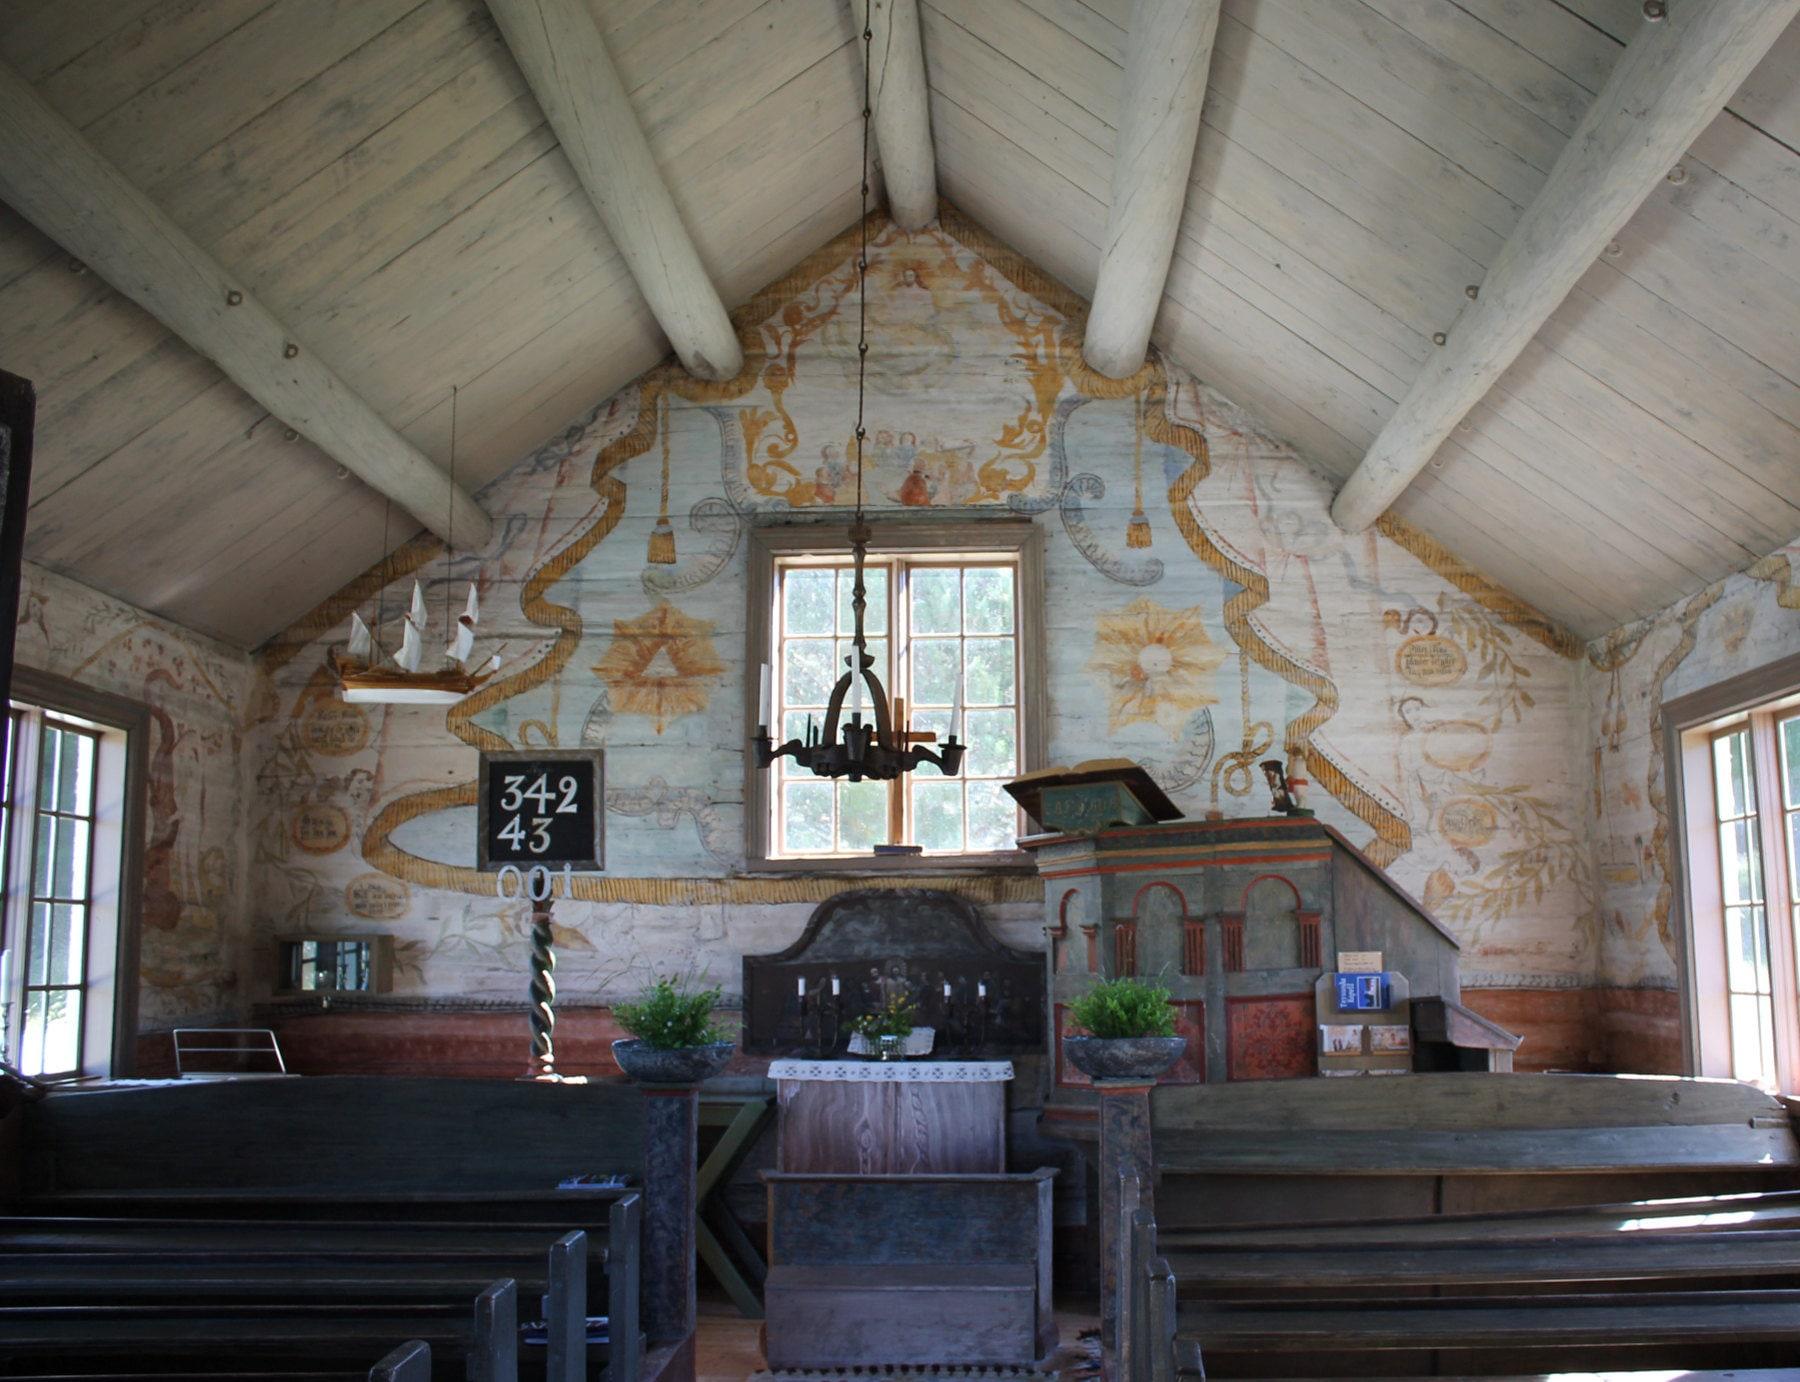 Interiör bild av Trysunda kapell